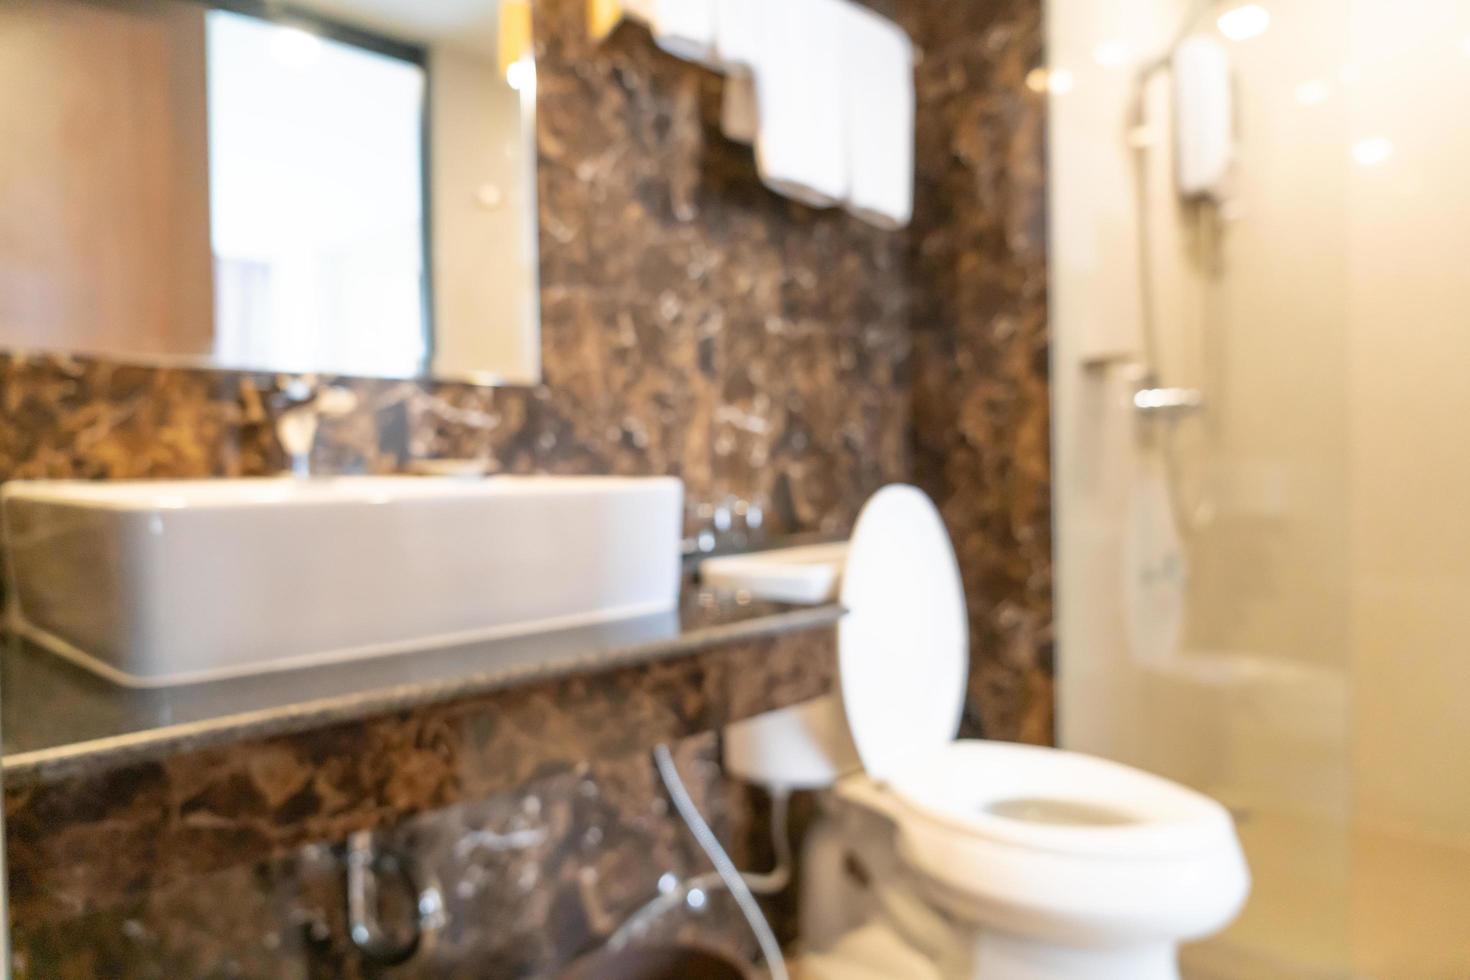 Baño y aseo de desenfoque abstracto para el fondo foto